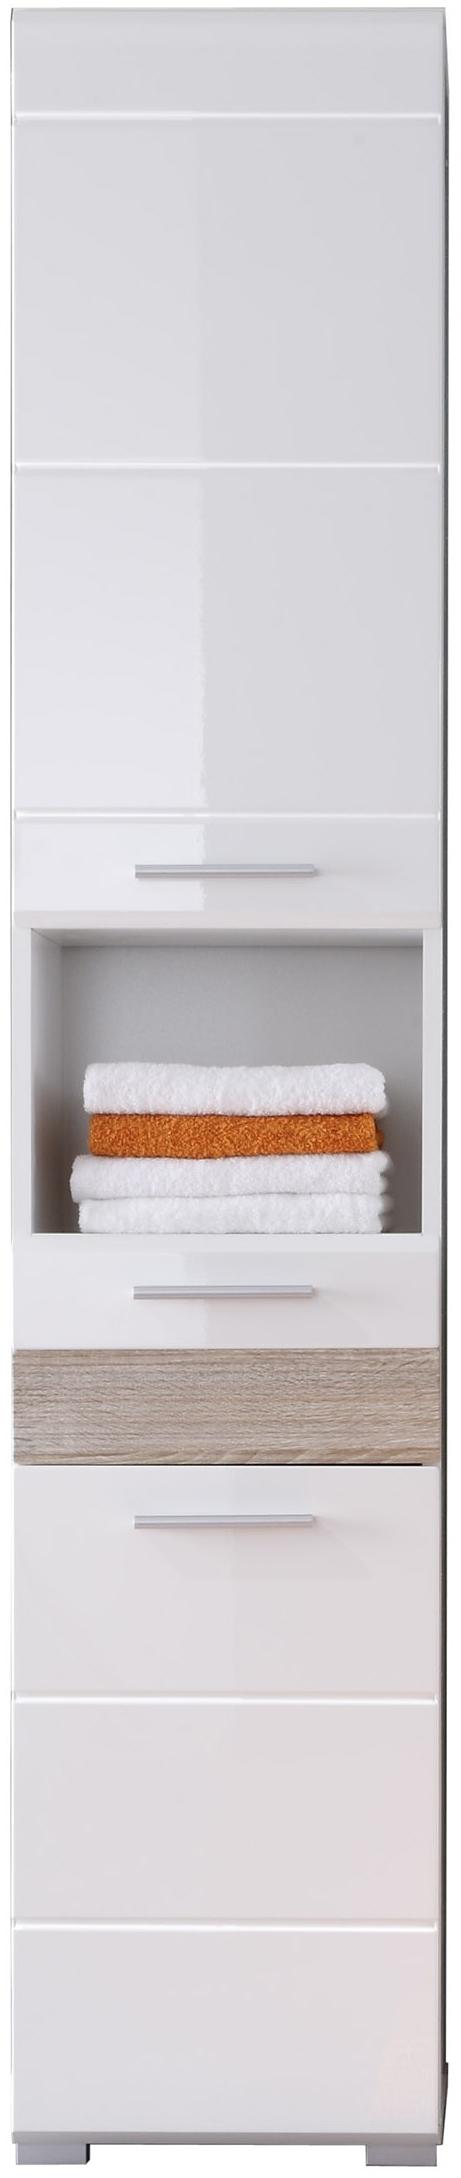 Hoge kast badkamer online kopen | Bekijk nu onze collectie | OTTO